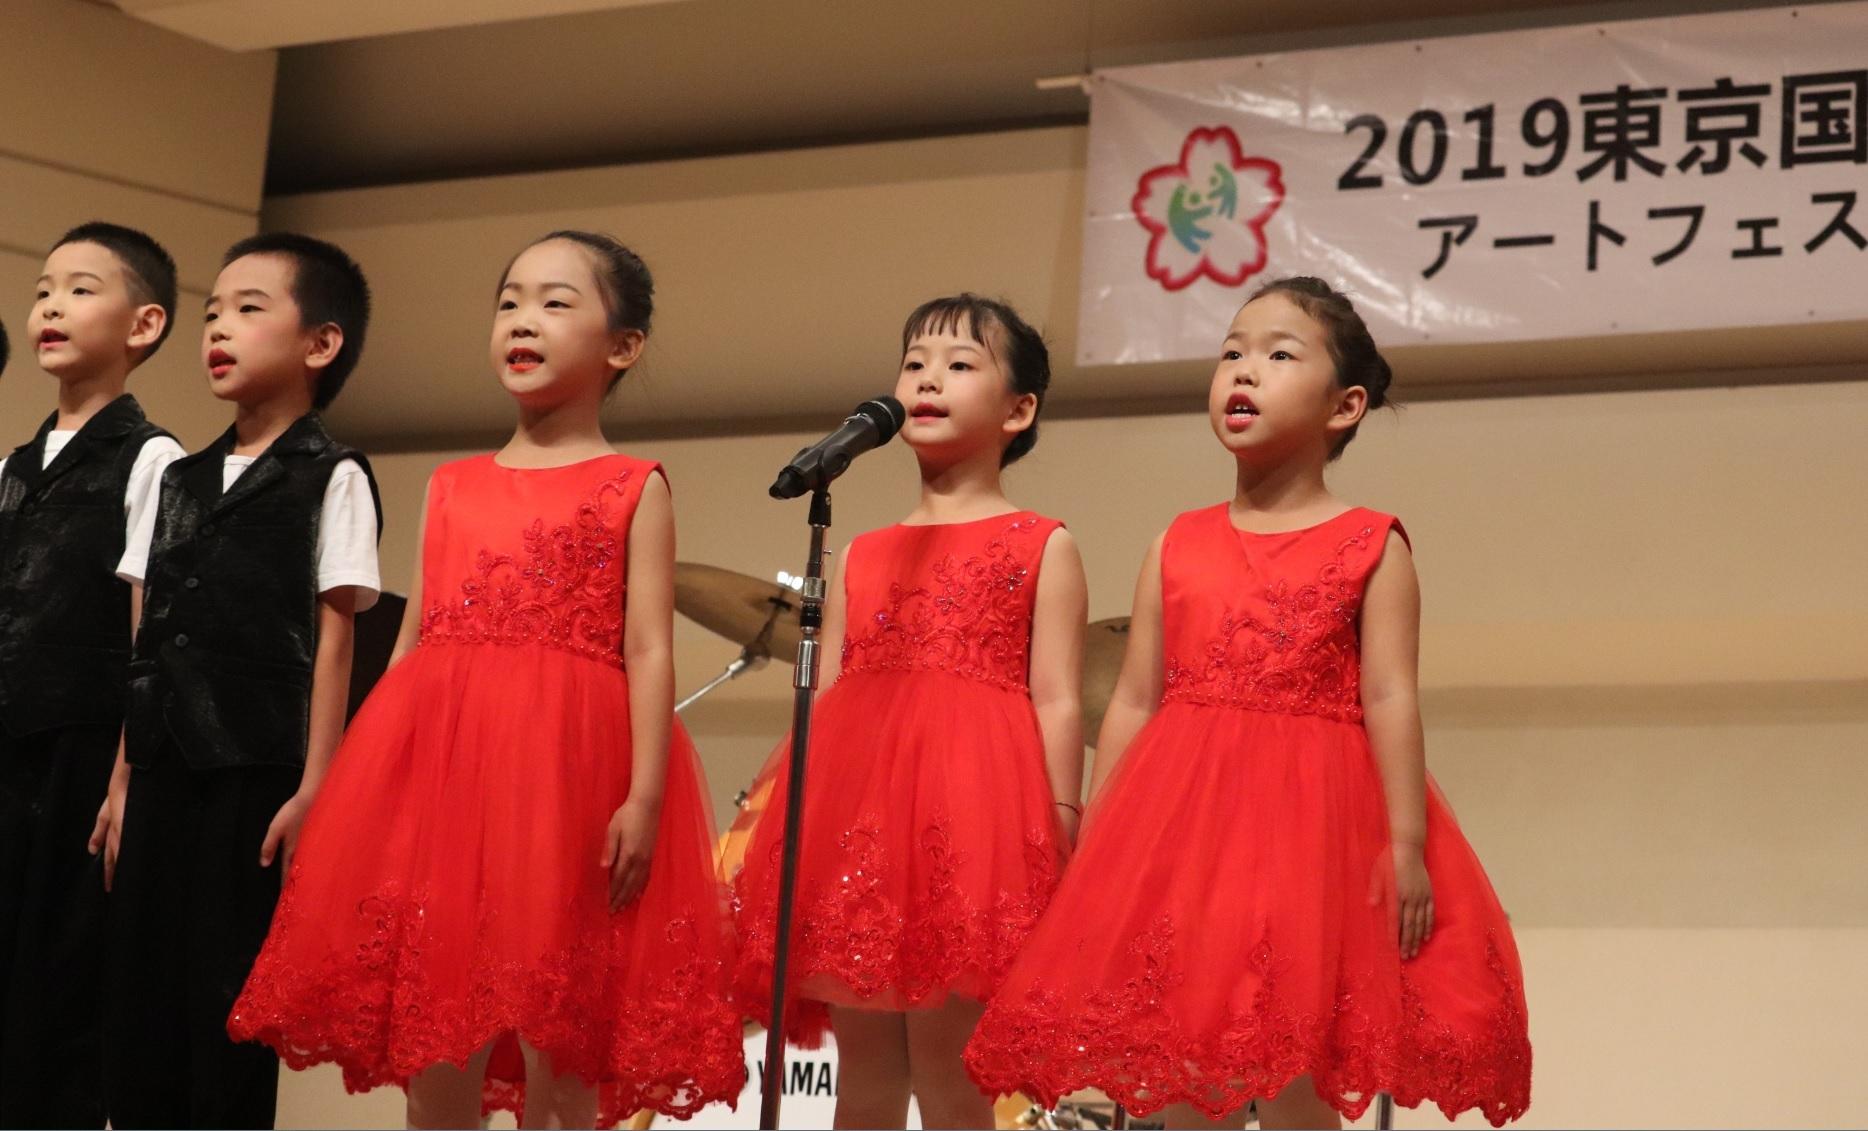 5歳の選手「緊張した」、日中の少年少女の芸術コンクールを都内で開催_d0027795_12494299.jpg